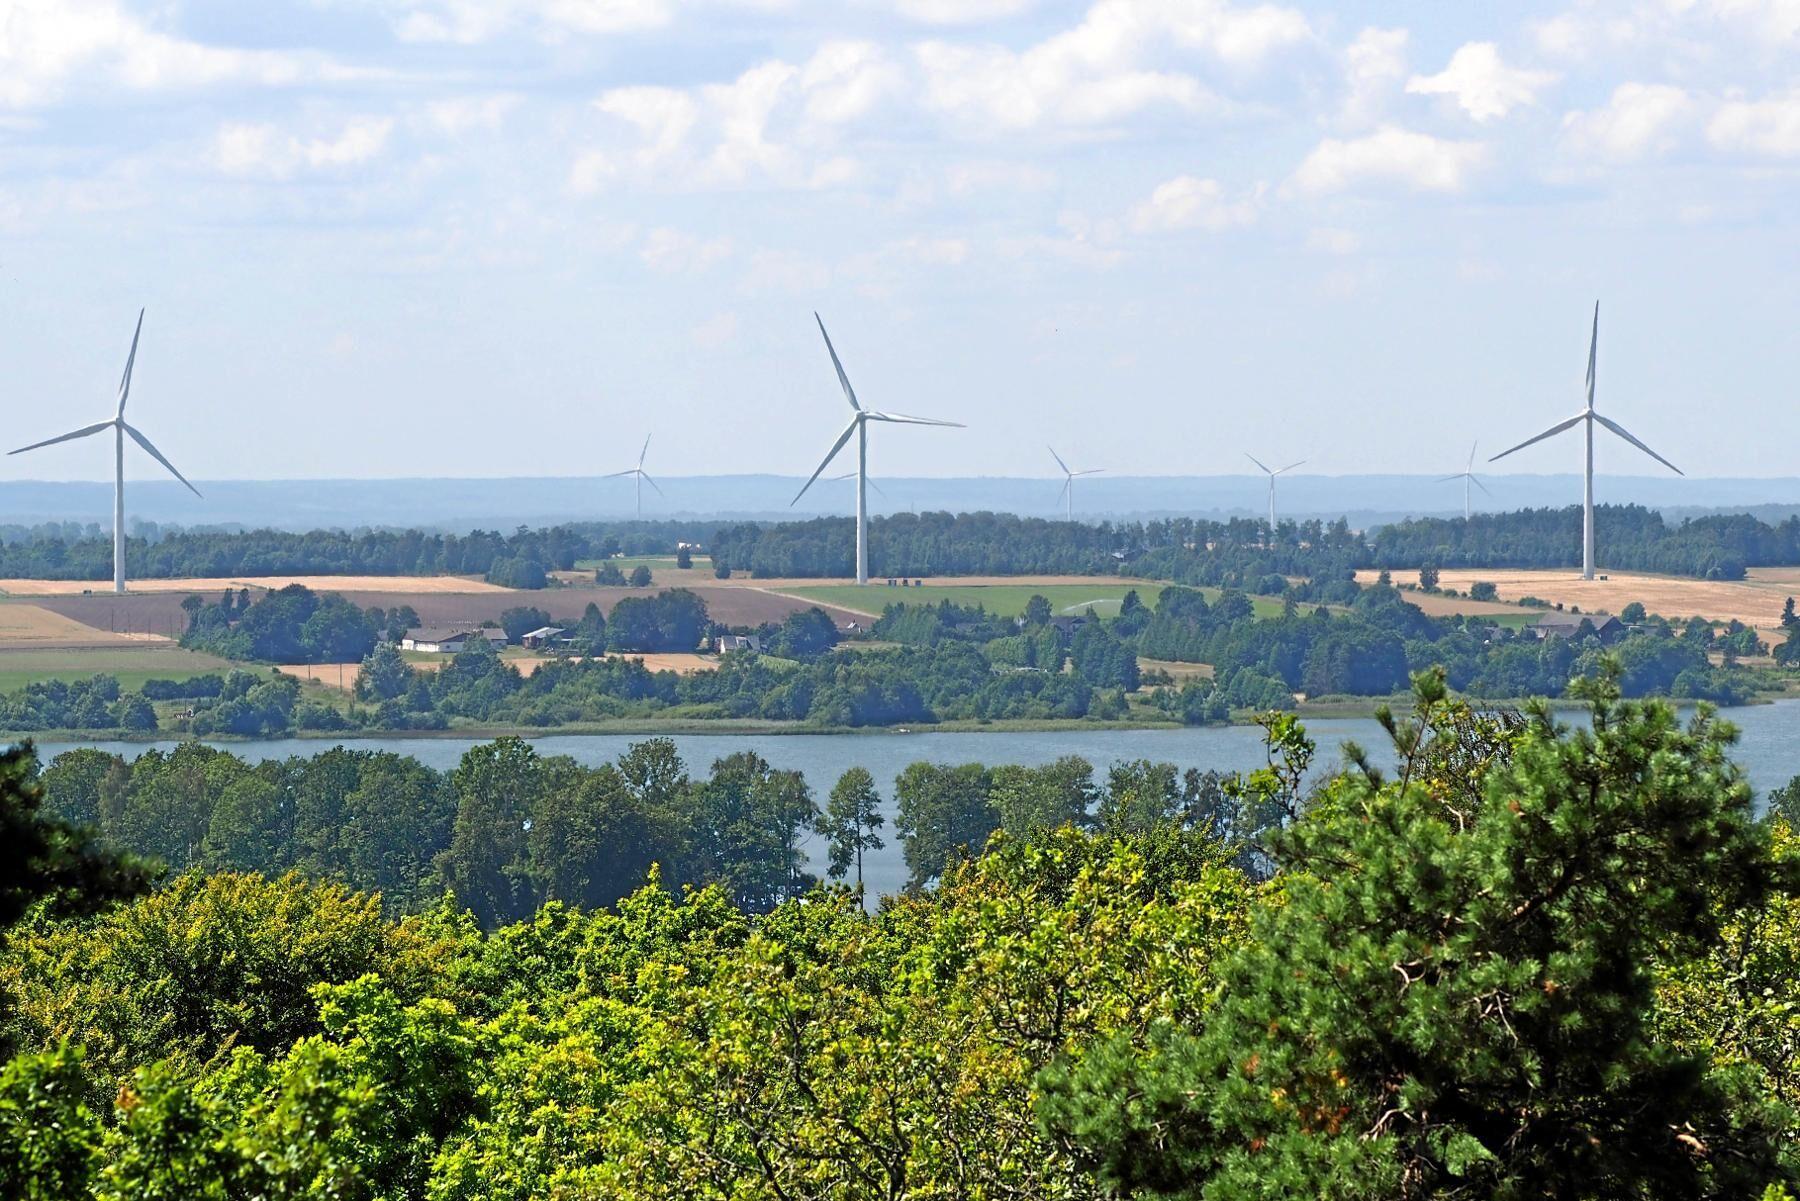 I ansökningar om vindkraftsetablering finns sällan en utförlig behandling av påverkan på människors hälsa och välbefinnande, anser debattörerna.